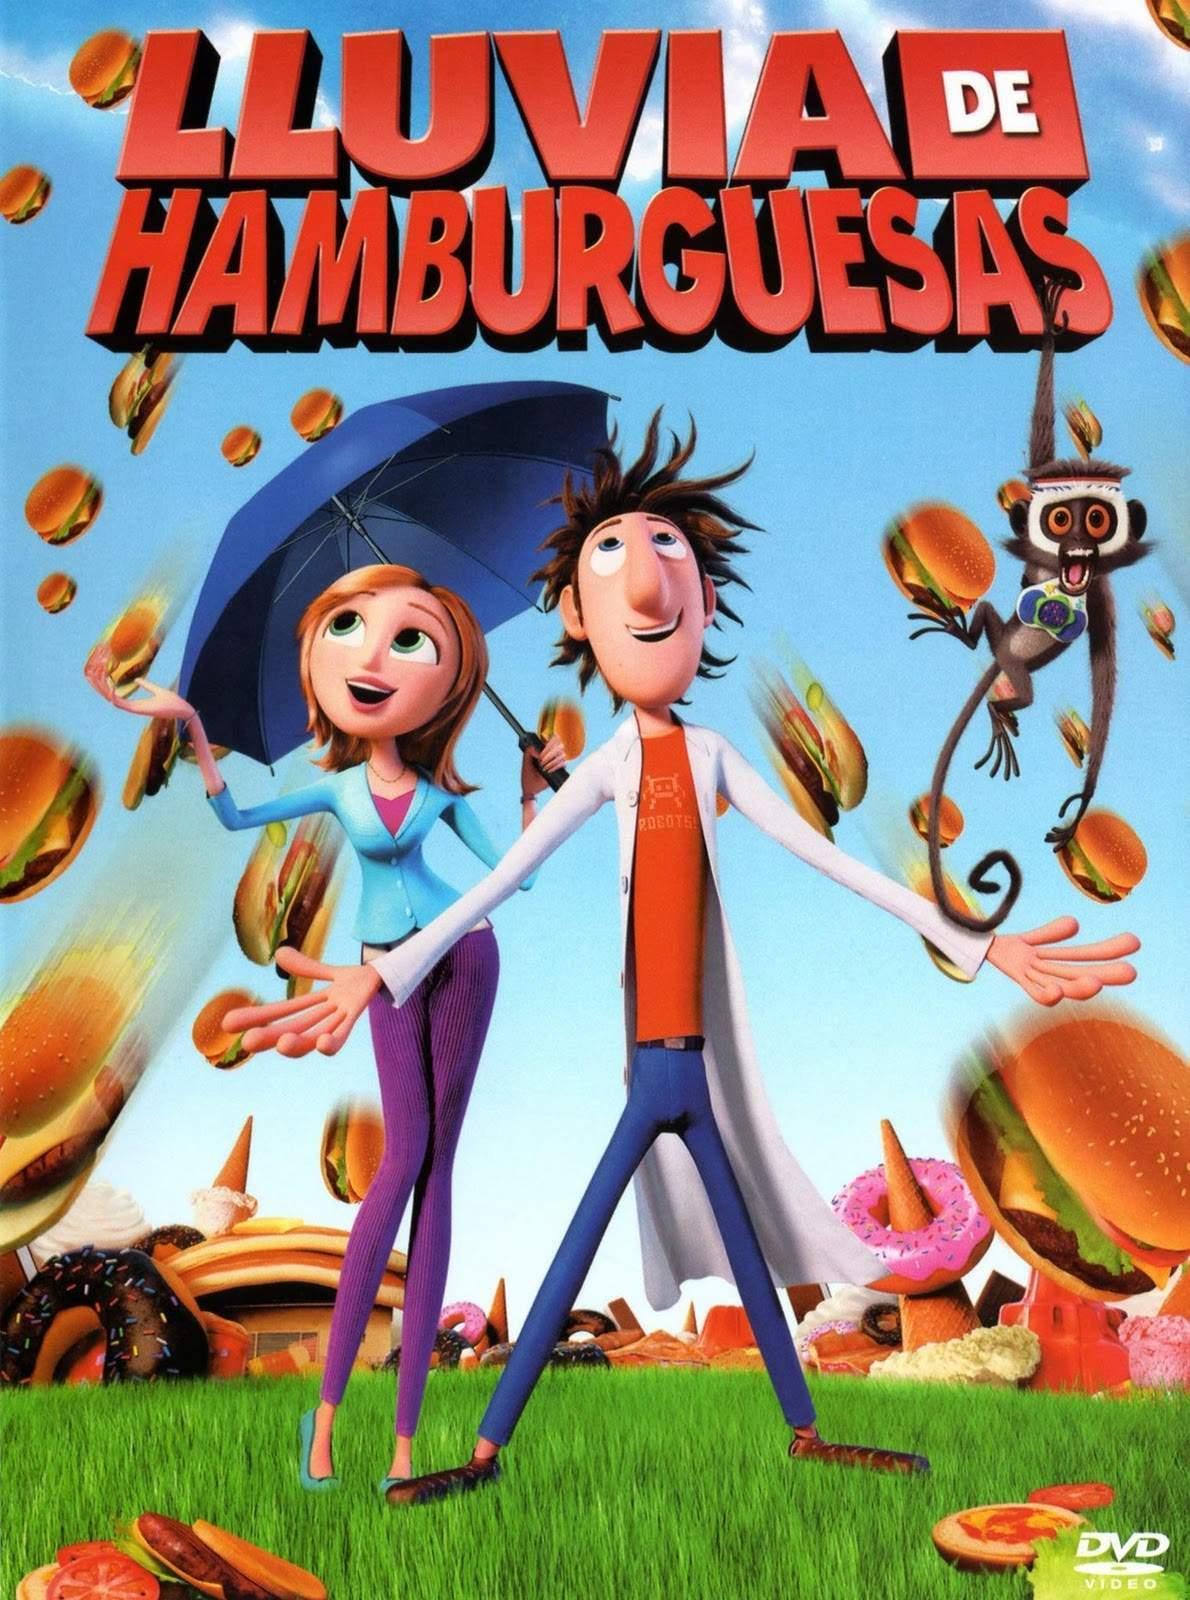 Lluvia de hamburguesas (Película) - EcuRed